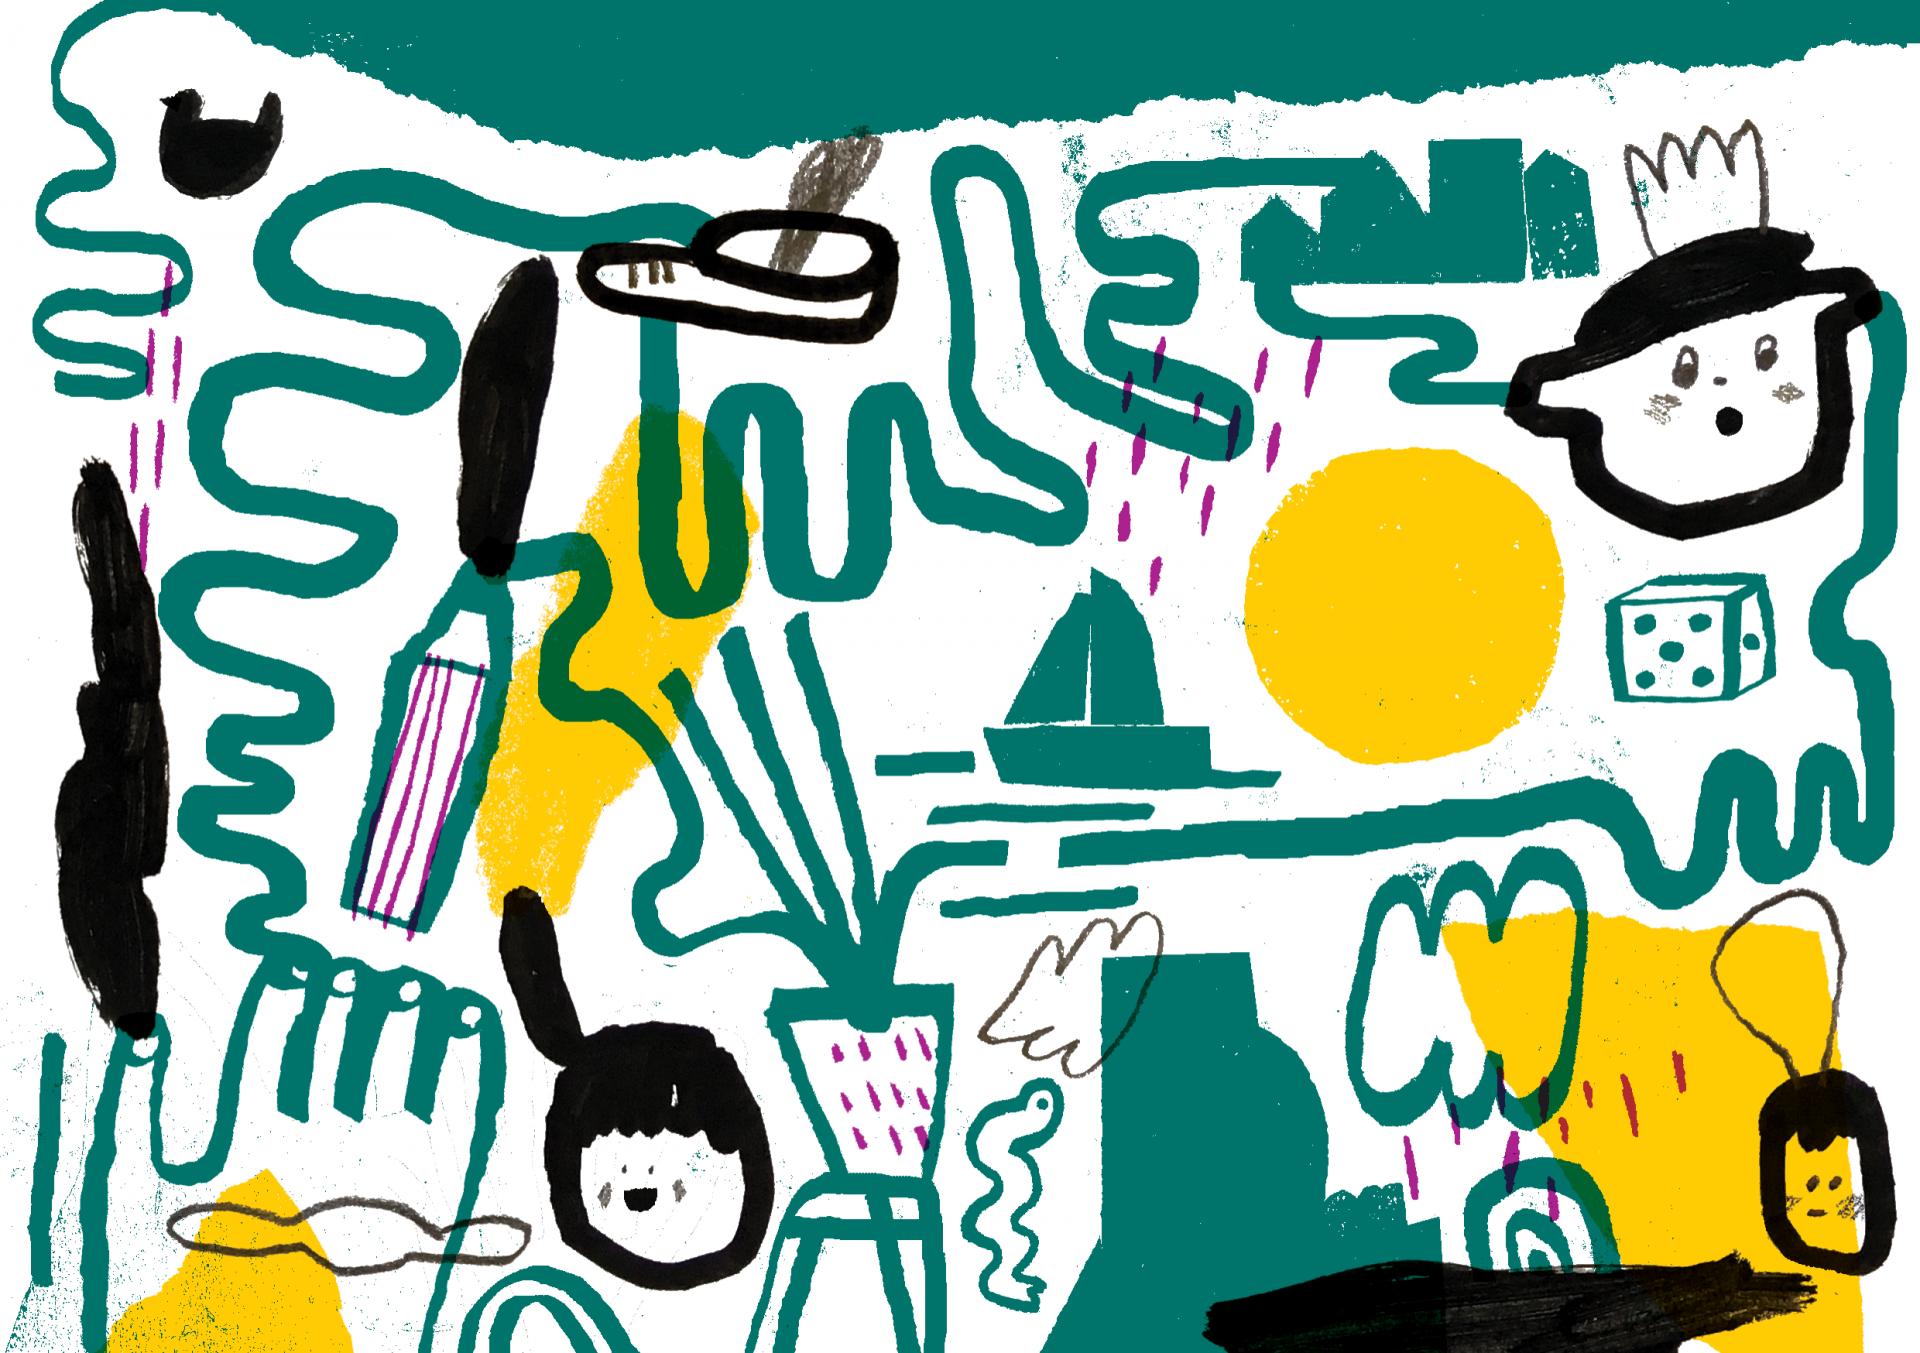 Ilustração com lápis e rabiscos a imitar papel de lustro